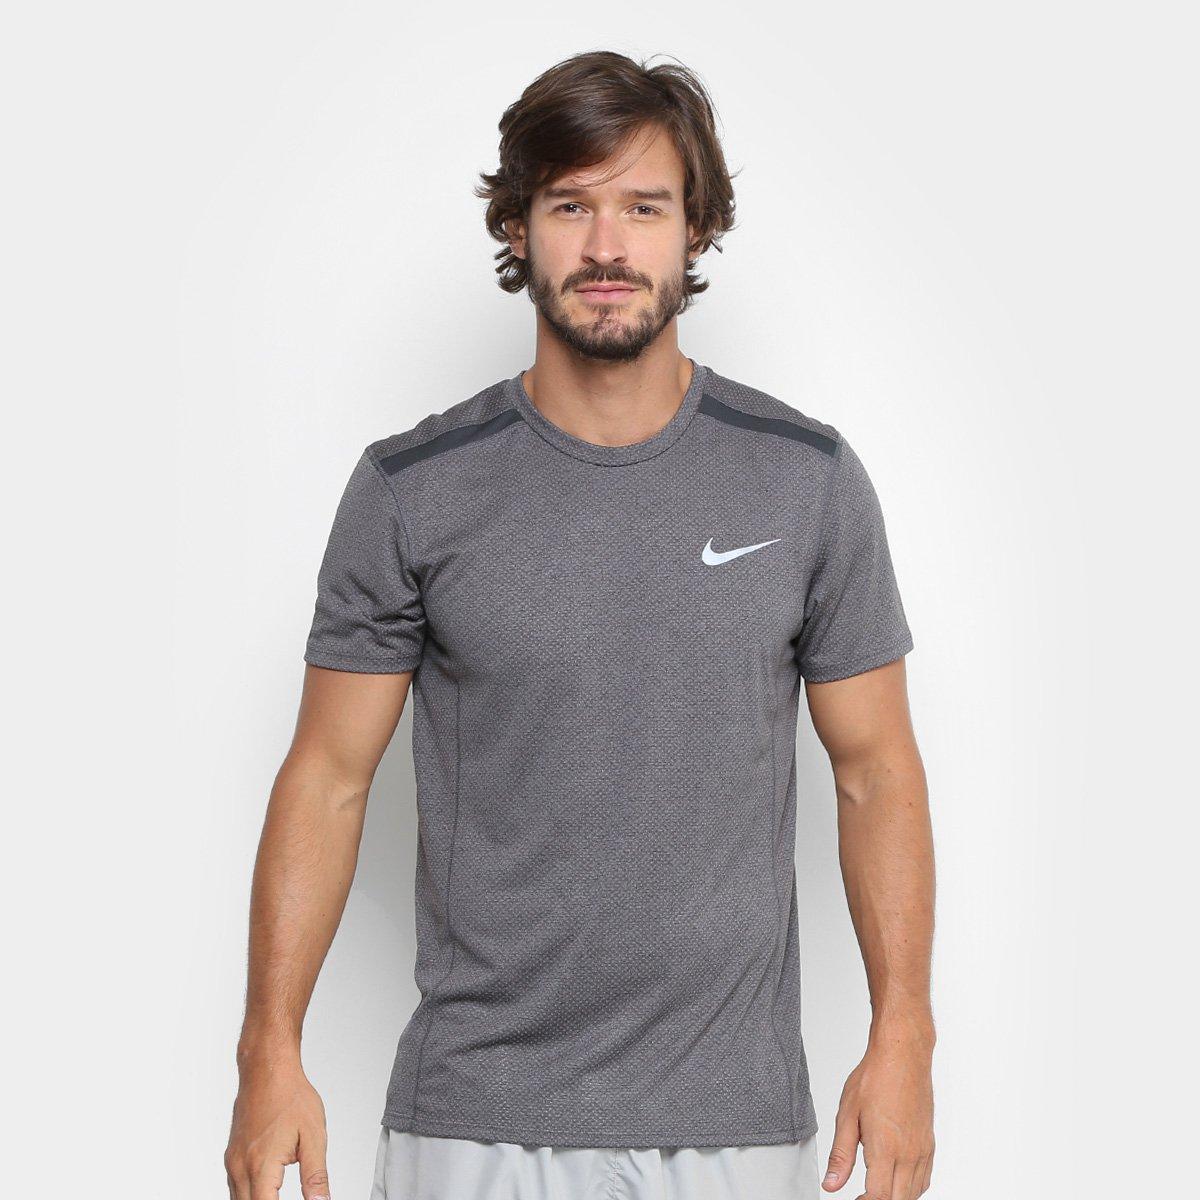 Camiseta Nike Dry Cool Miler SS Masculina - Preto - Compre Agora ... 22310da915e1d